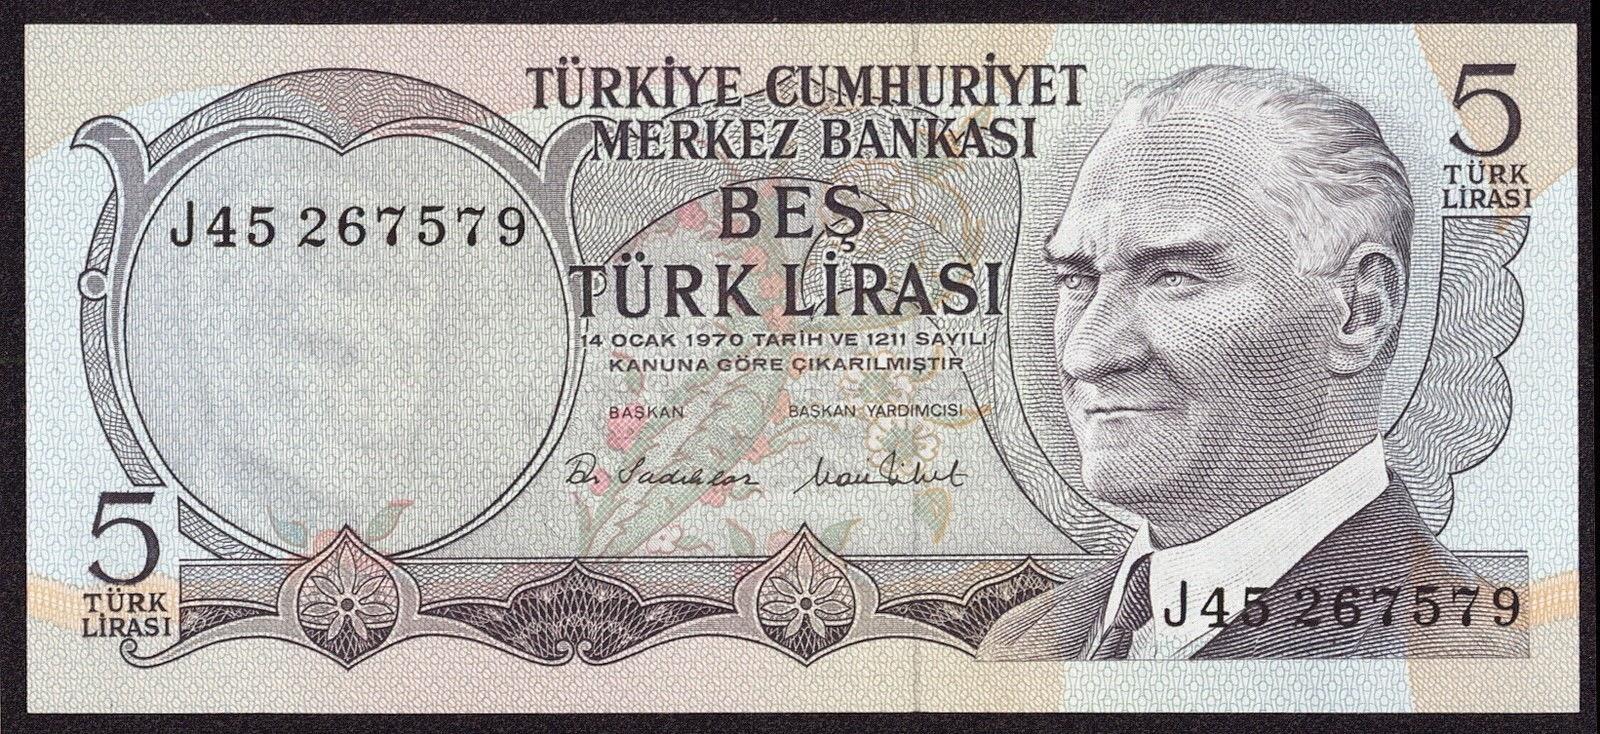 """Turkey Banknotes 5 Türk Lirasi """"Turkish Lira"""" note 1970 Mustafa Kemal Atatürk"""